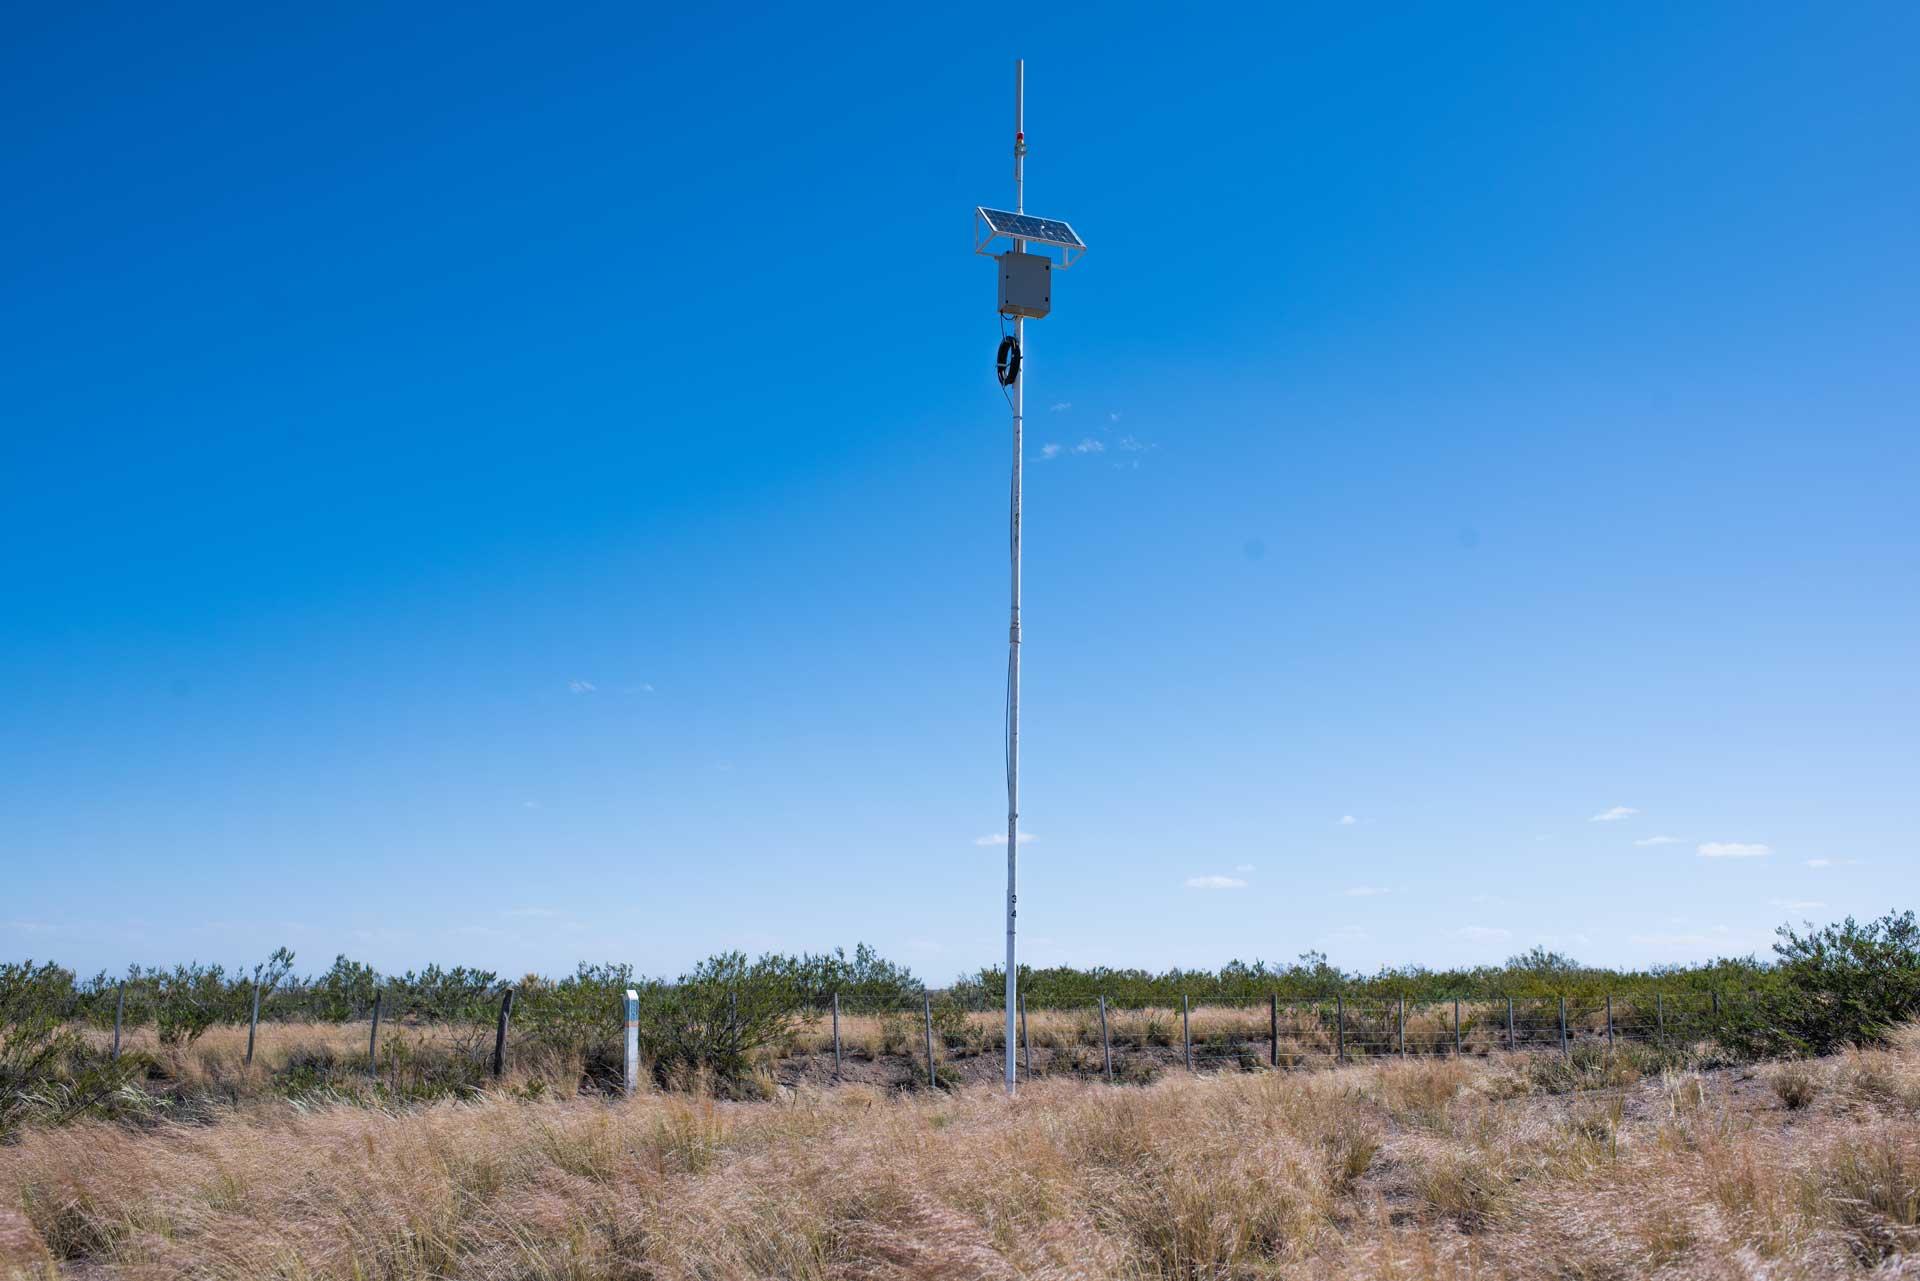 Al costado de una ruta hay un poste con panel solar en la punta y al lado hay un monolito blanco y celeste, que brinda internet a través de la REFEFO.